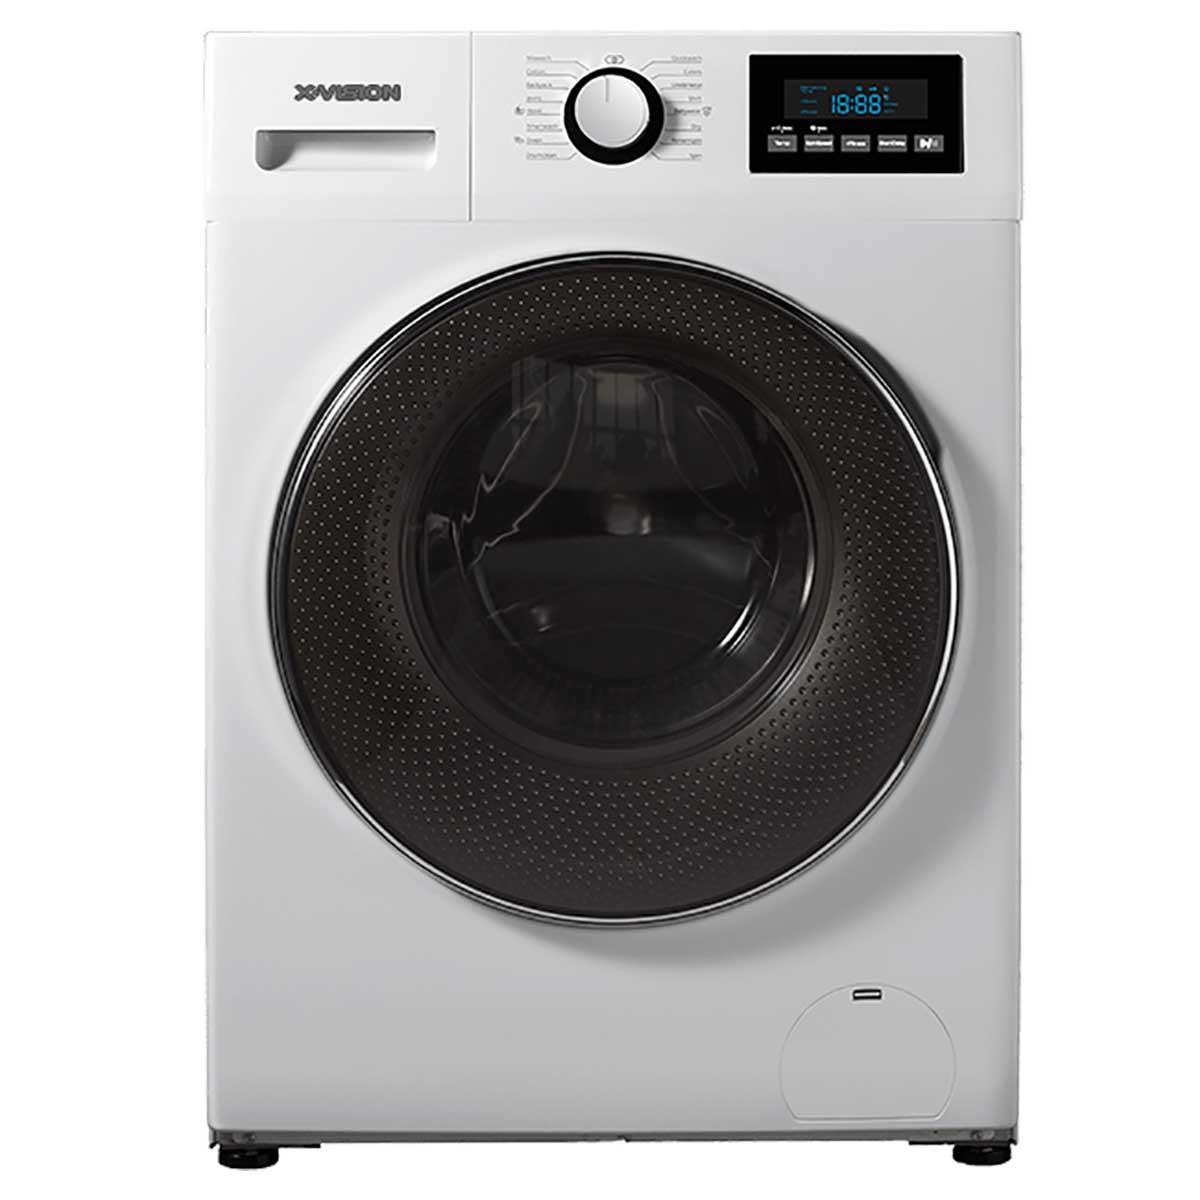 فروش نقدی و اقساطی ماشین لباسشویی ایکس ویژن مدل WH82-ASI/AWI ظرفیت 8 کیلوگرم